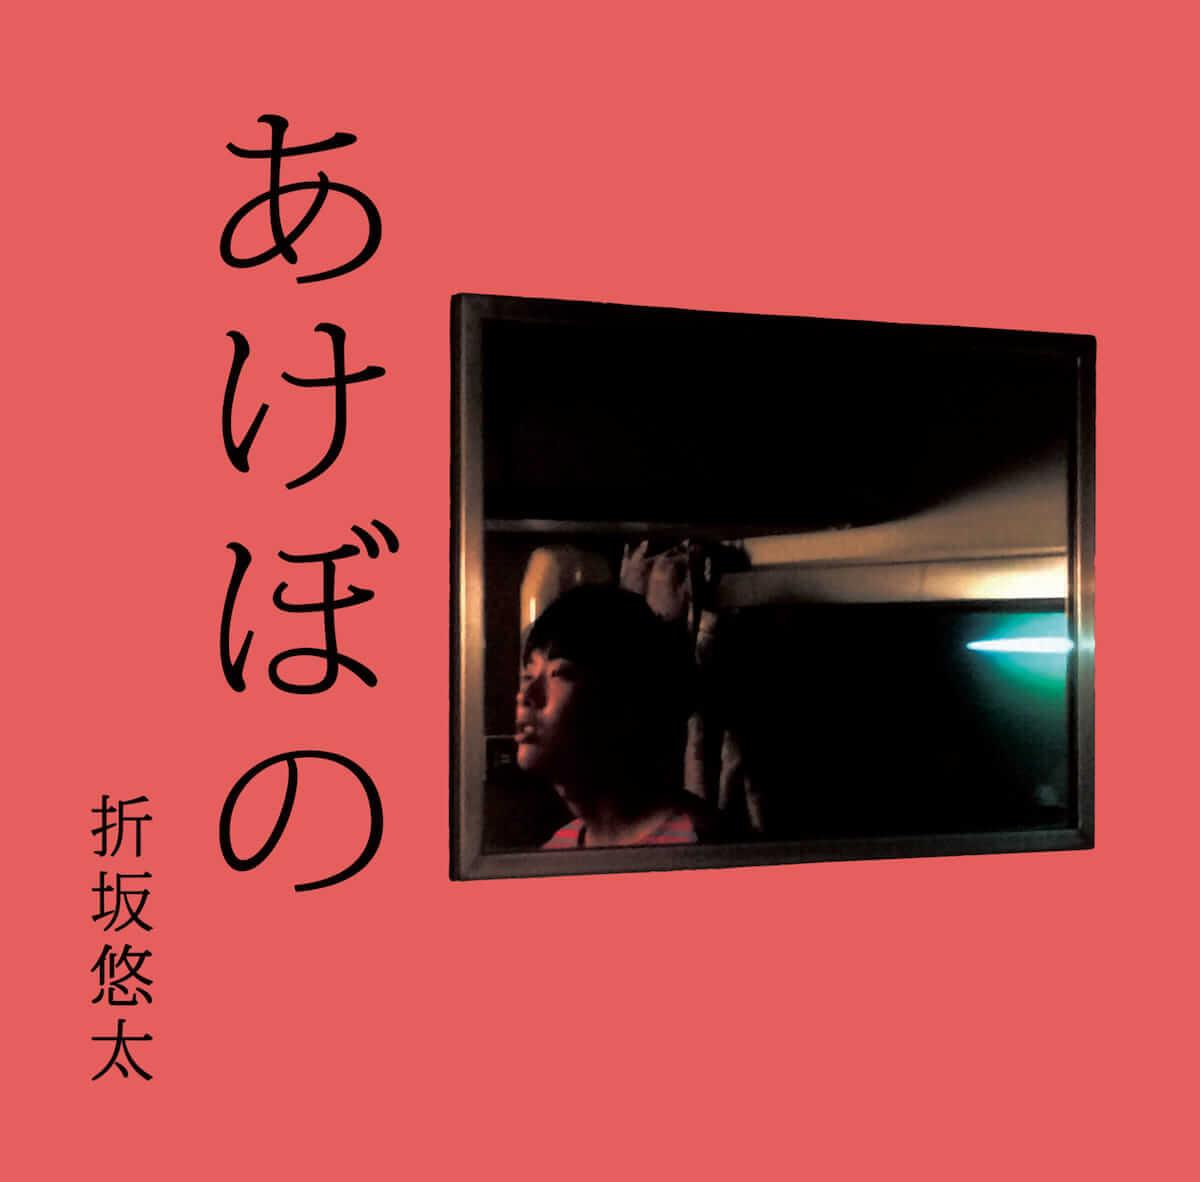 折坂悠太の過去作品『あけぼの』『たむけ』が配信スタート music180817-orisakayuta-1-1200x1182